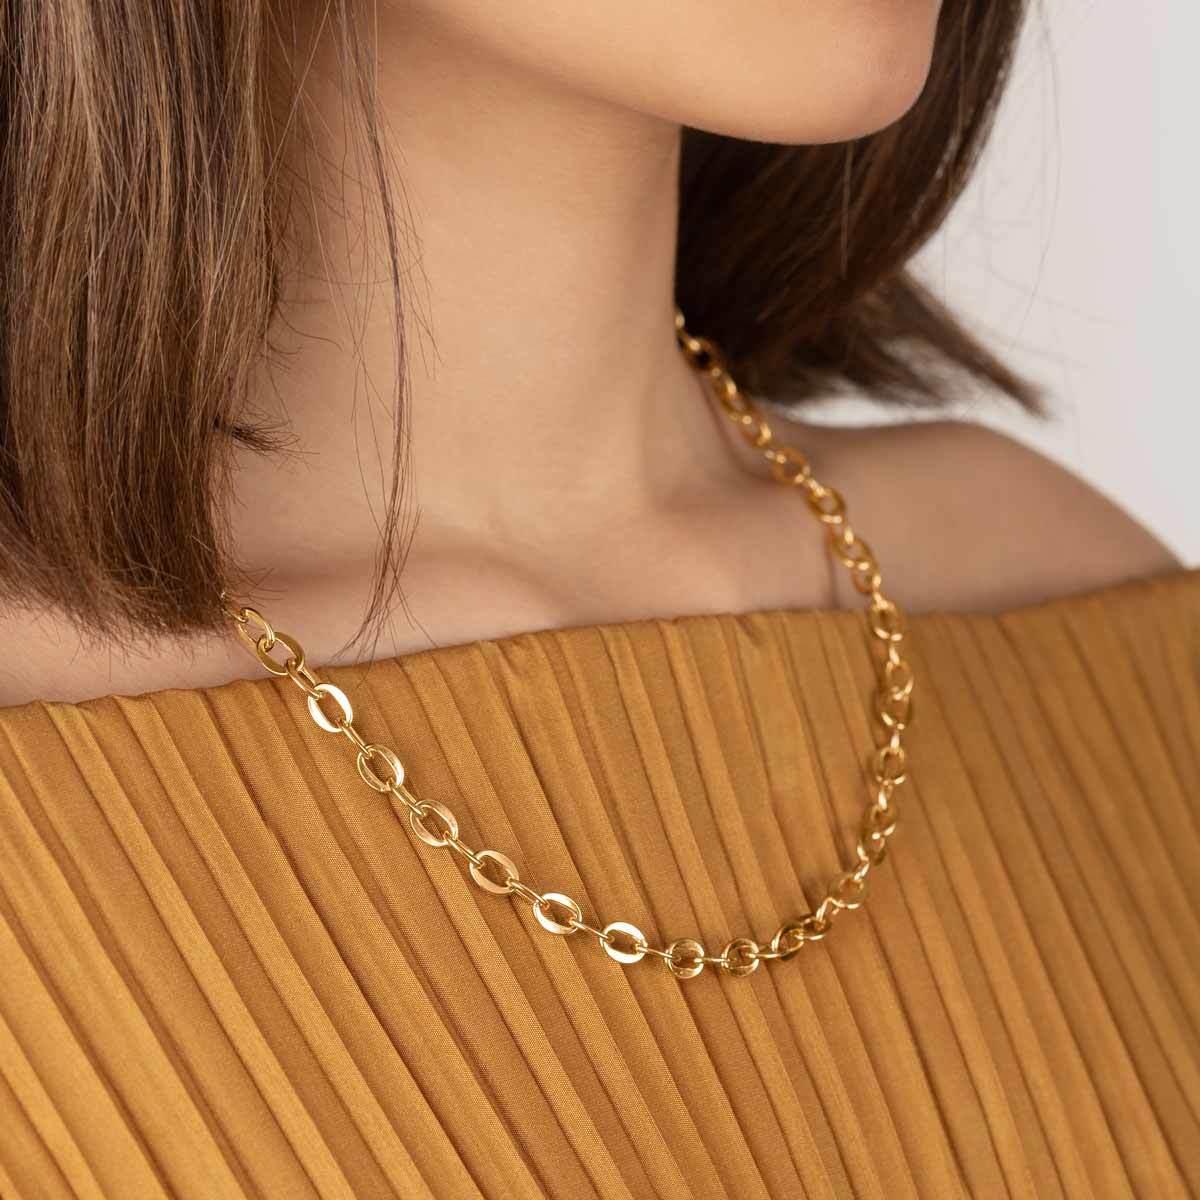 زنجیر گردنبند طلا جادویی